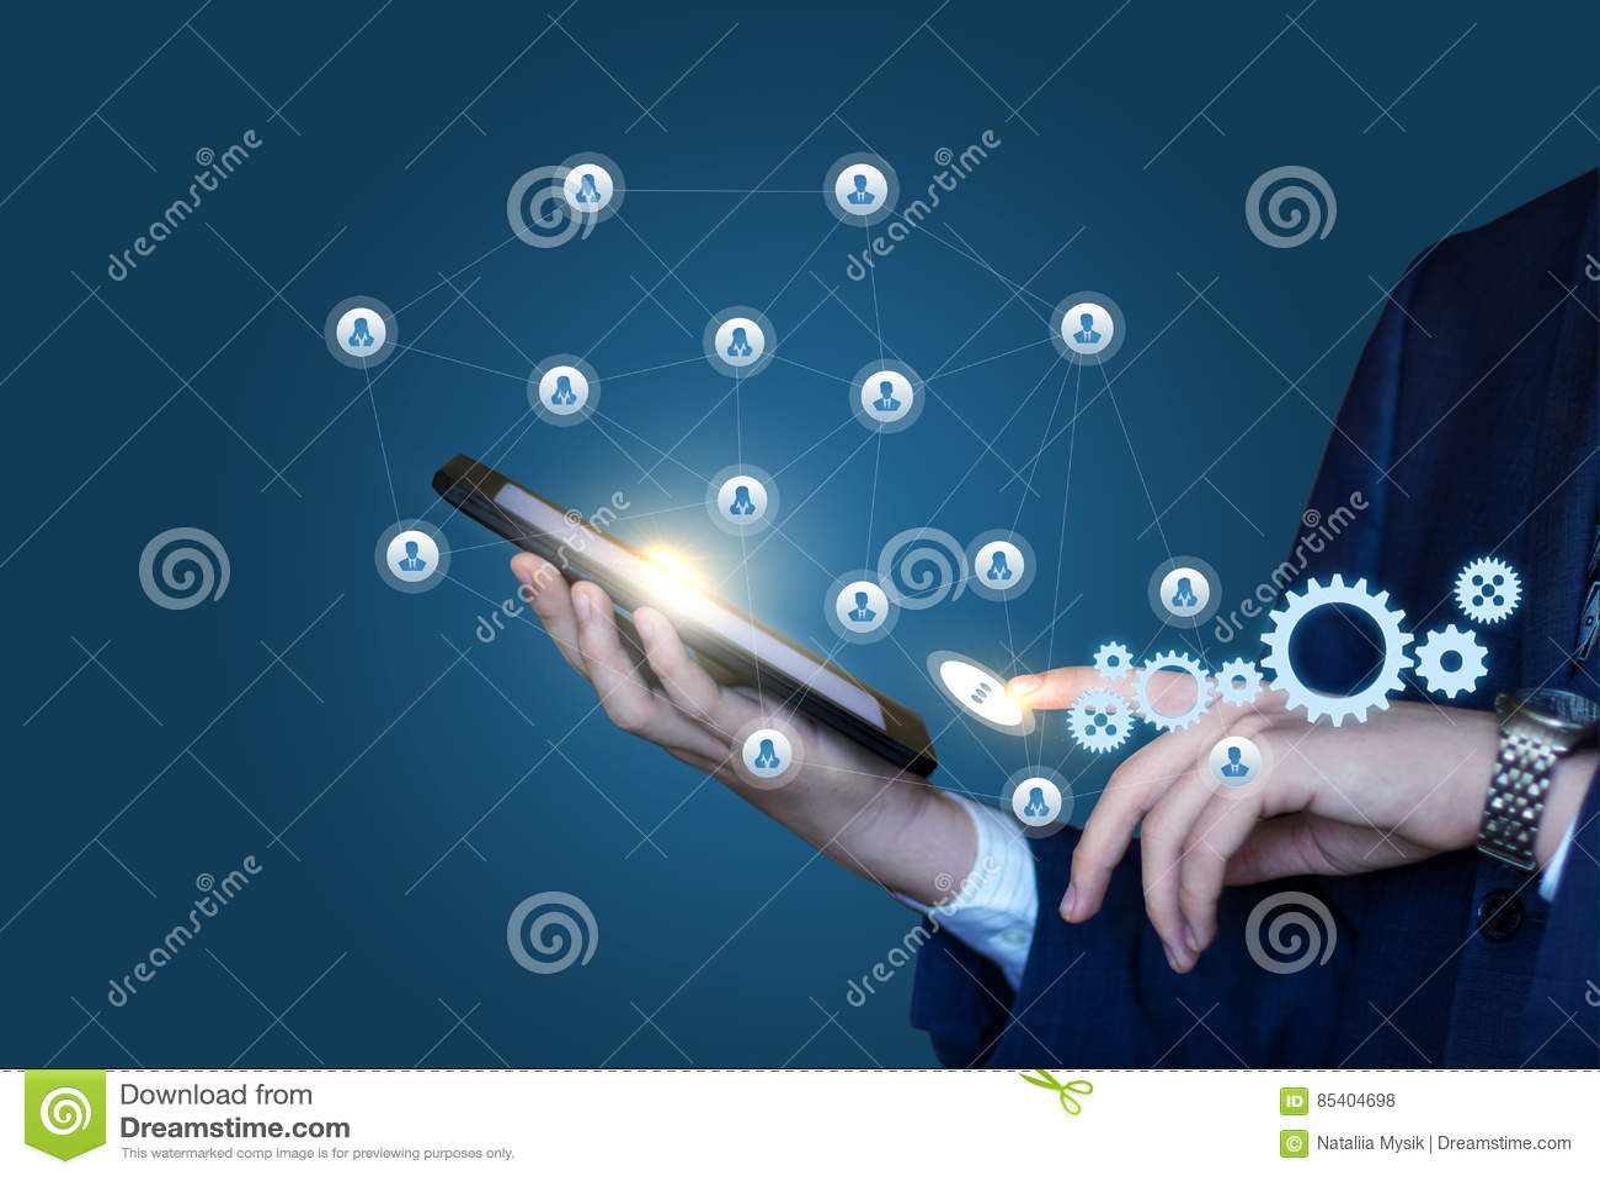 Organisation och utförande av arbete genom att använda det sociala nätverket